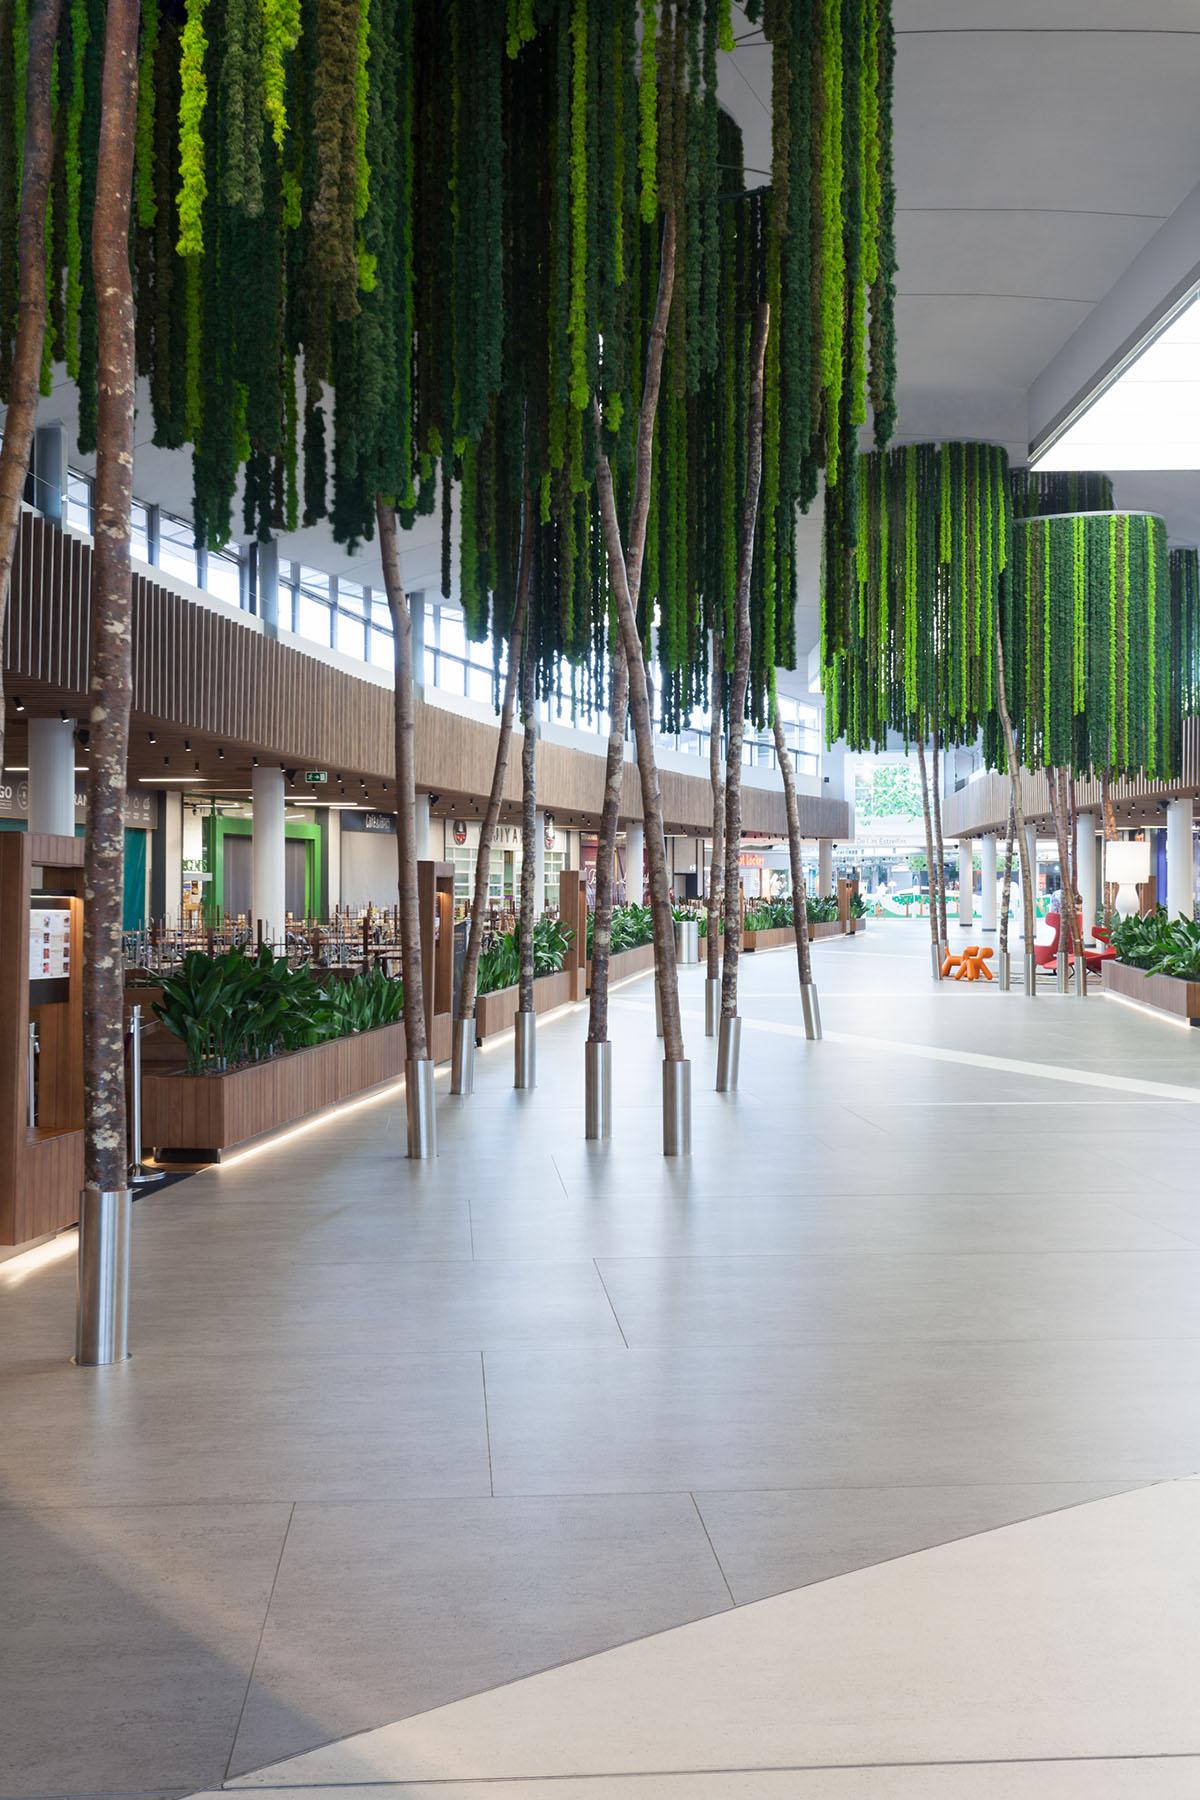 greenarea-plantas-preservadas-diseño-lianas-ignífugas-colgantes